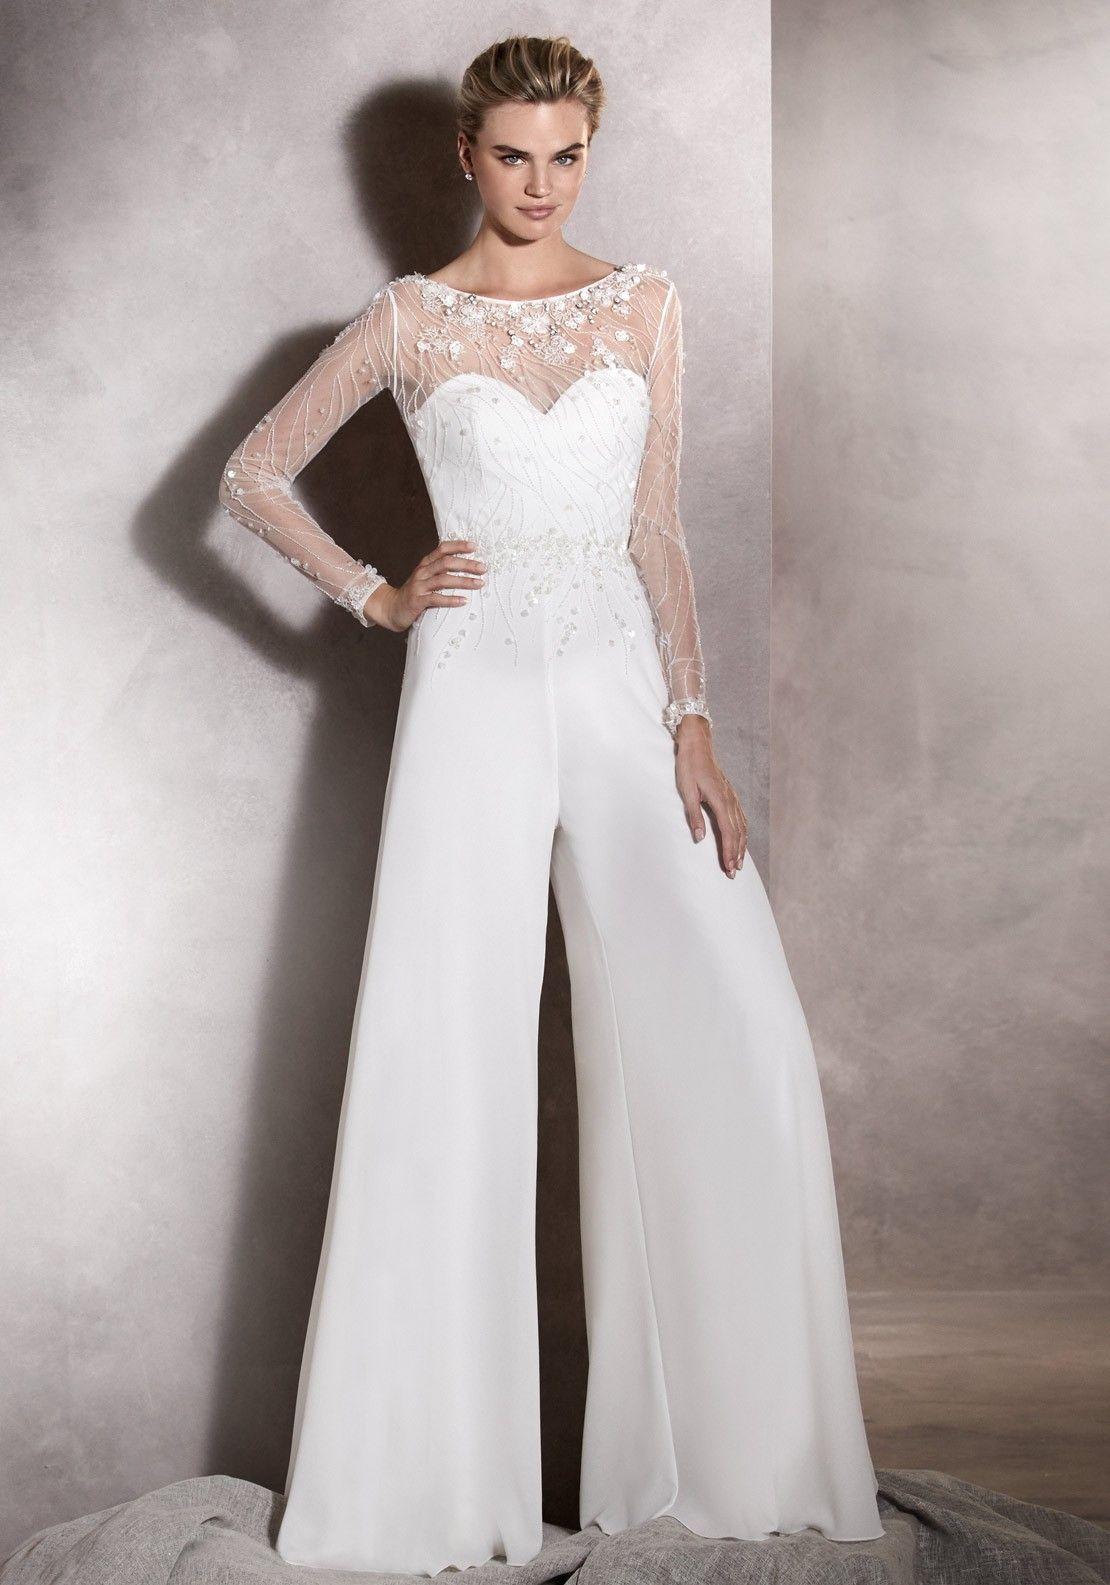 Pin by Jee Ko on Wedding | Wedding pantsuit, Wedding ...